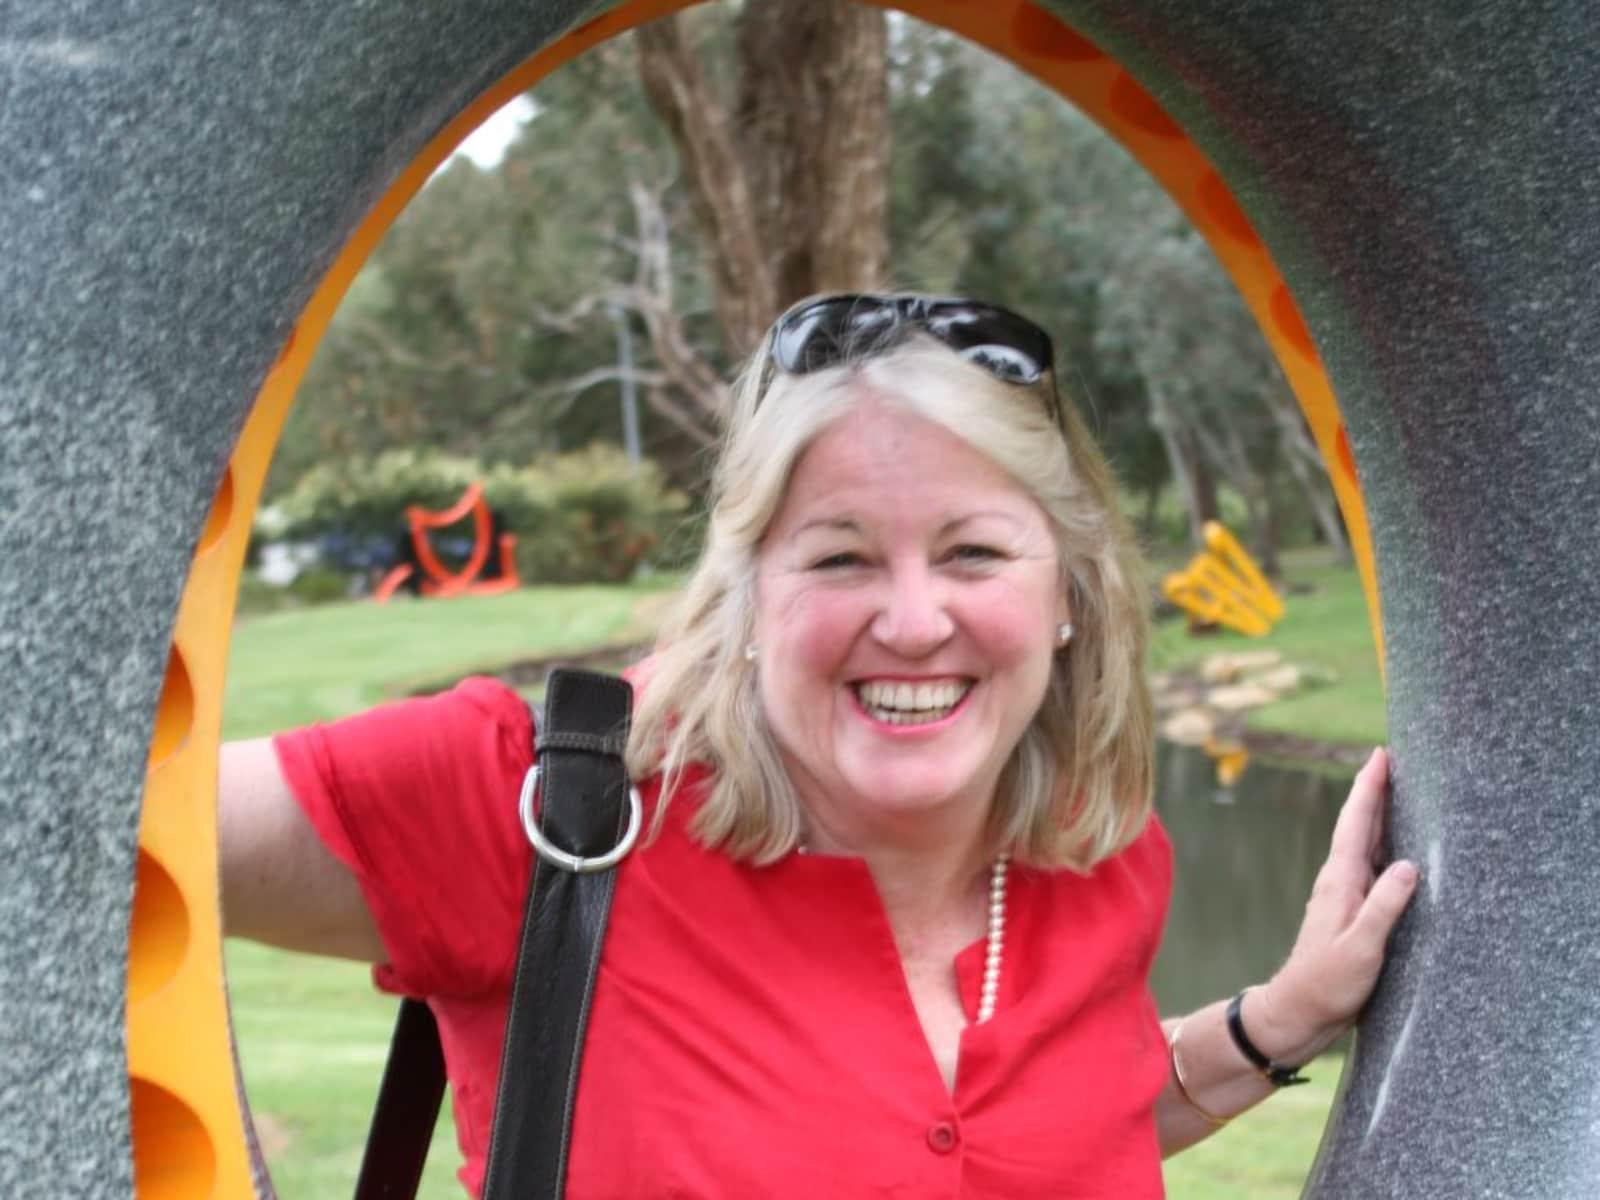 Liz from Sydney, New South Wales, Australia